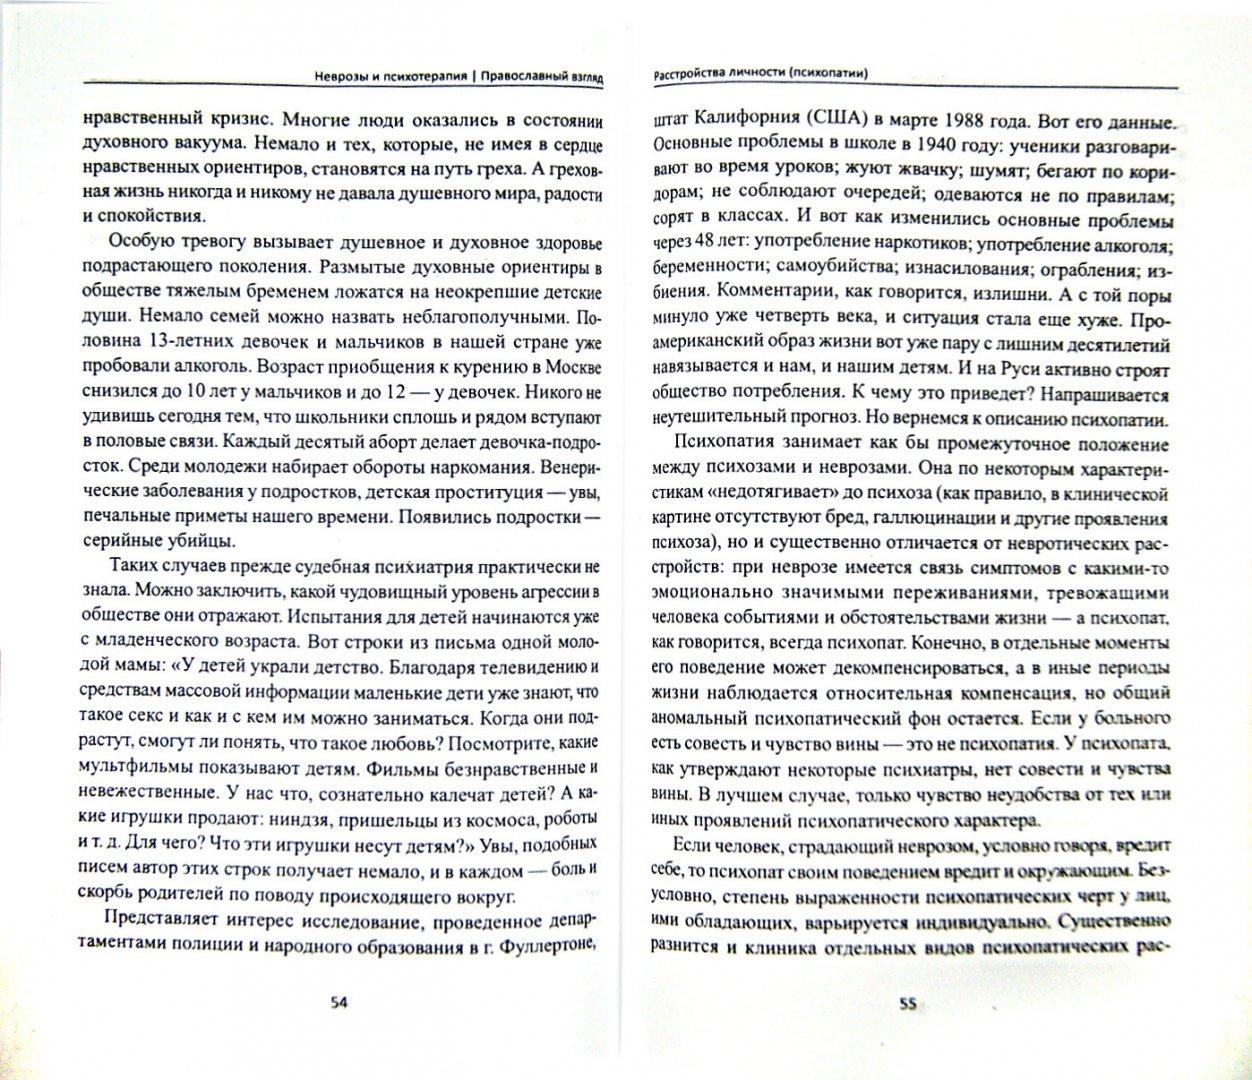 Иллюстрация 1 из 5 для Неврозы и психотерапия. Православный взгляд - Дмитрий Авдеев   Лабиринт - книги. Источник: Лабиринт